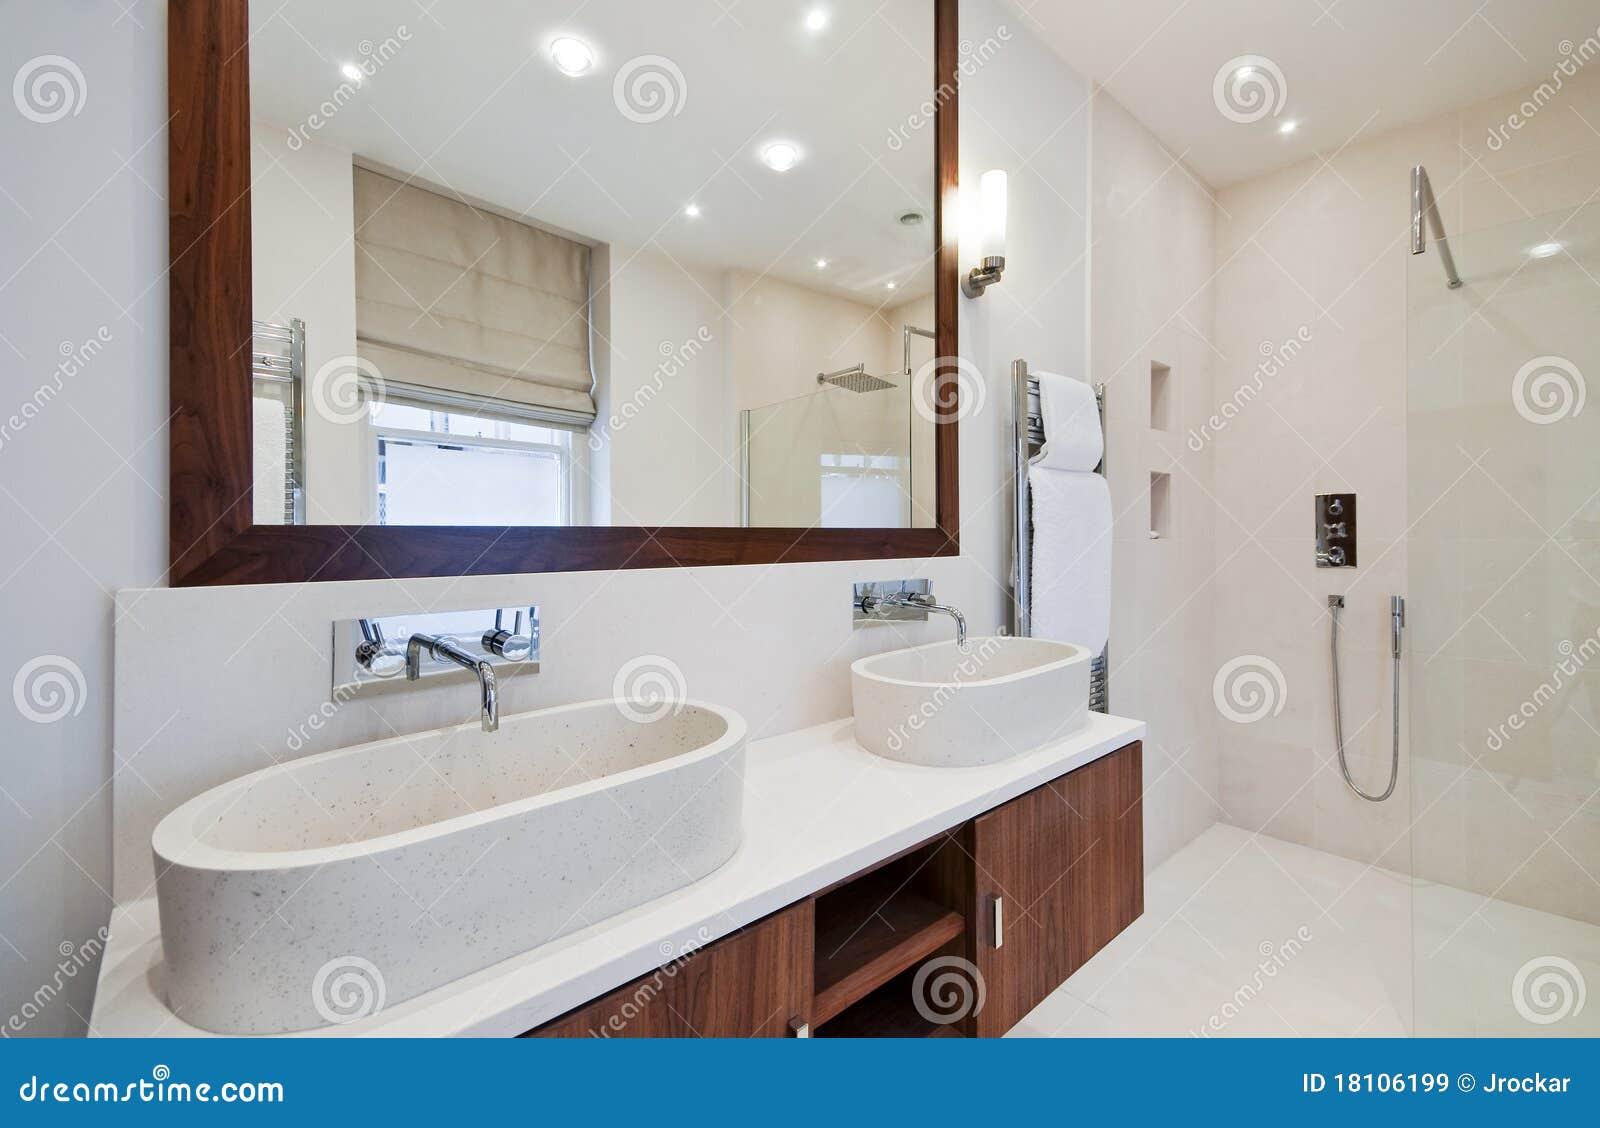 Doppi Lavabi Da Bagno : Stanza da bagno con il doppio lavabo della mano immagine stock